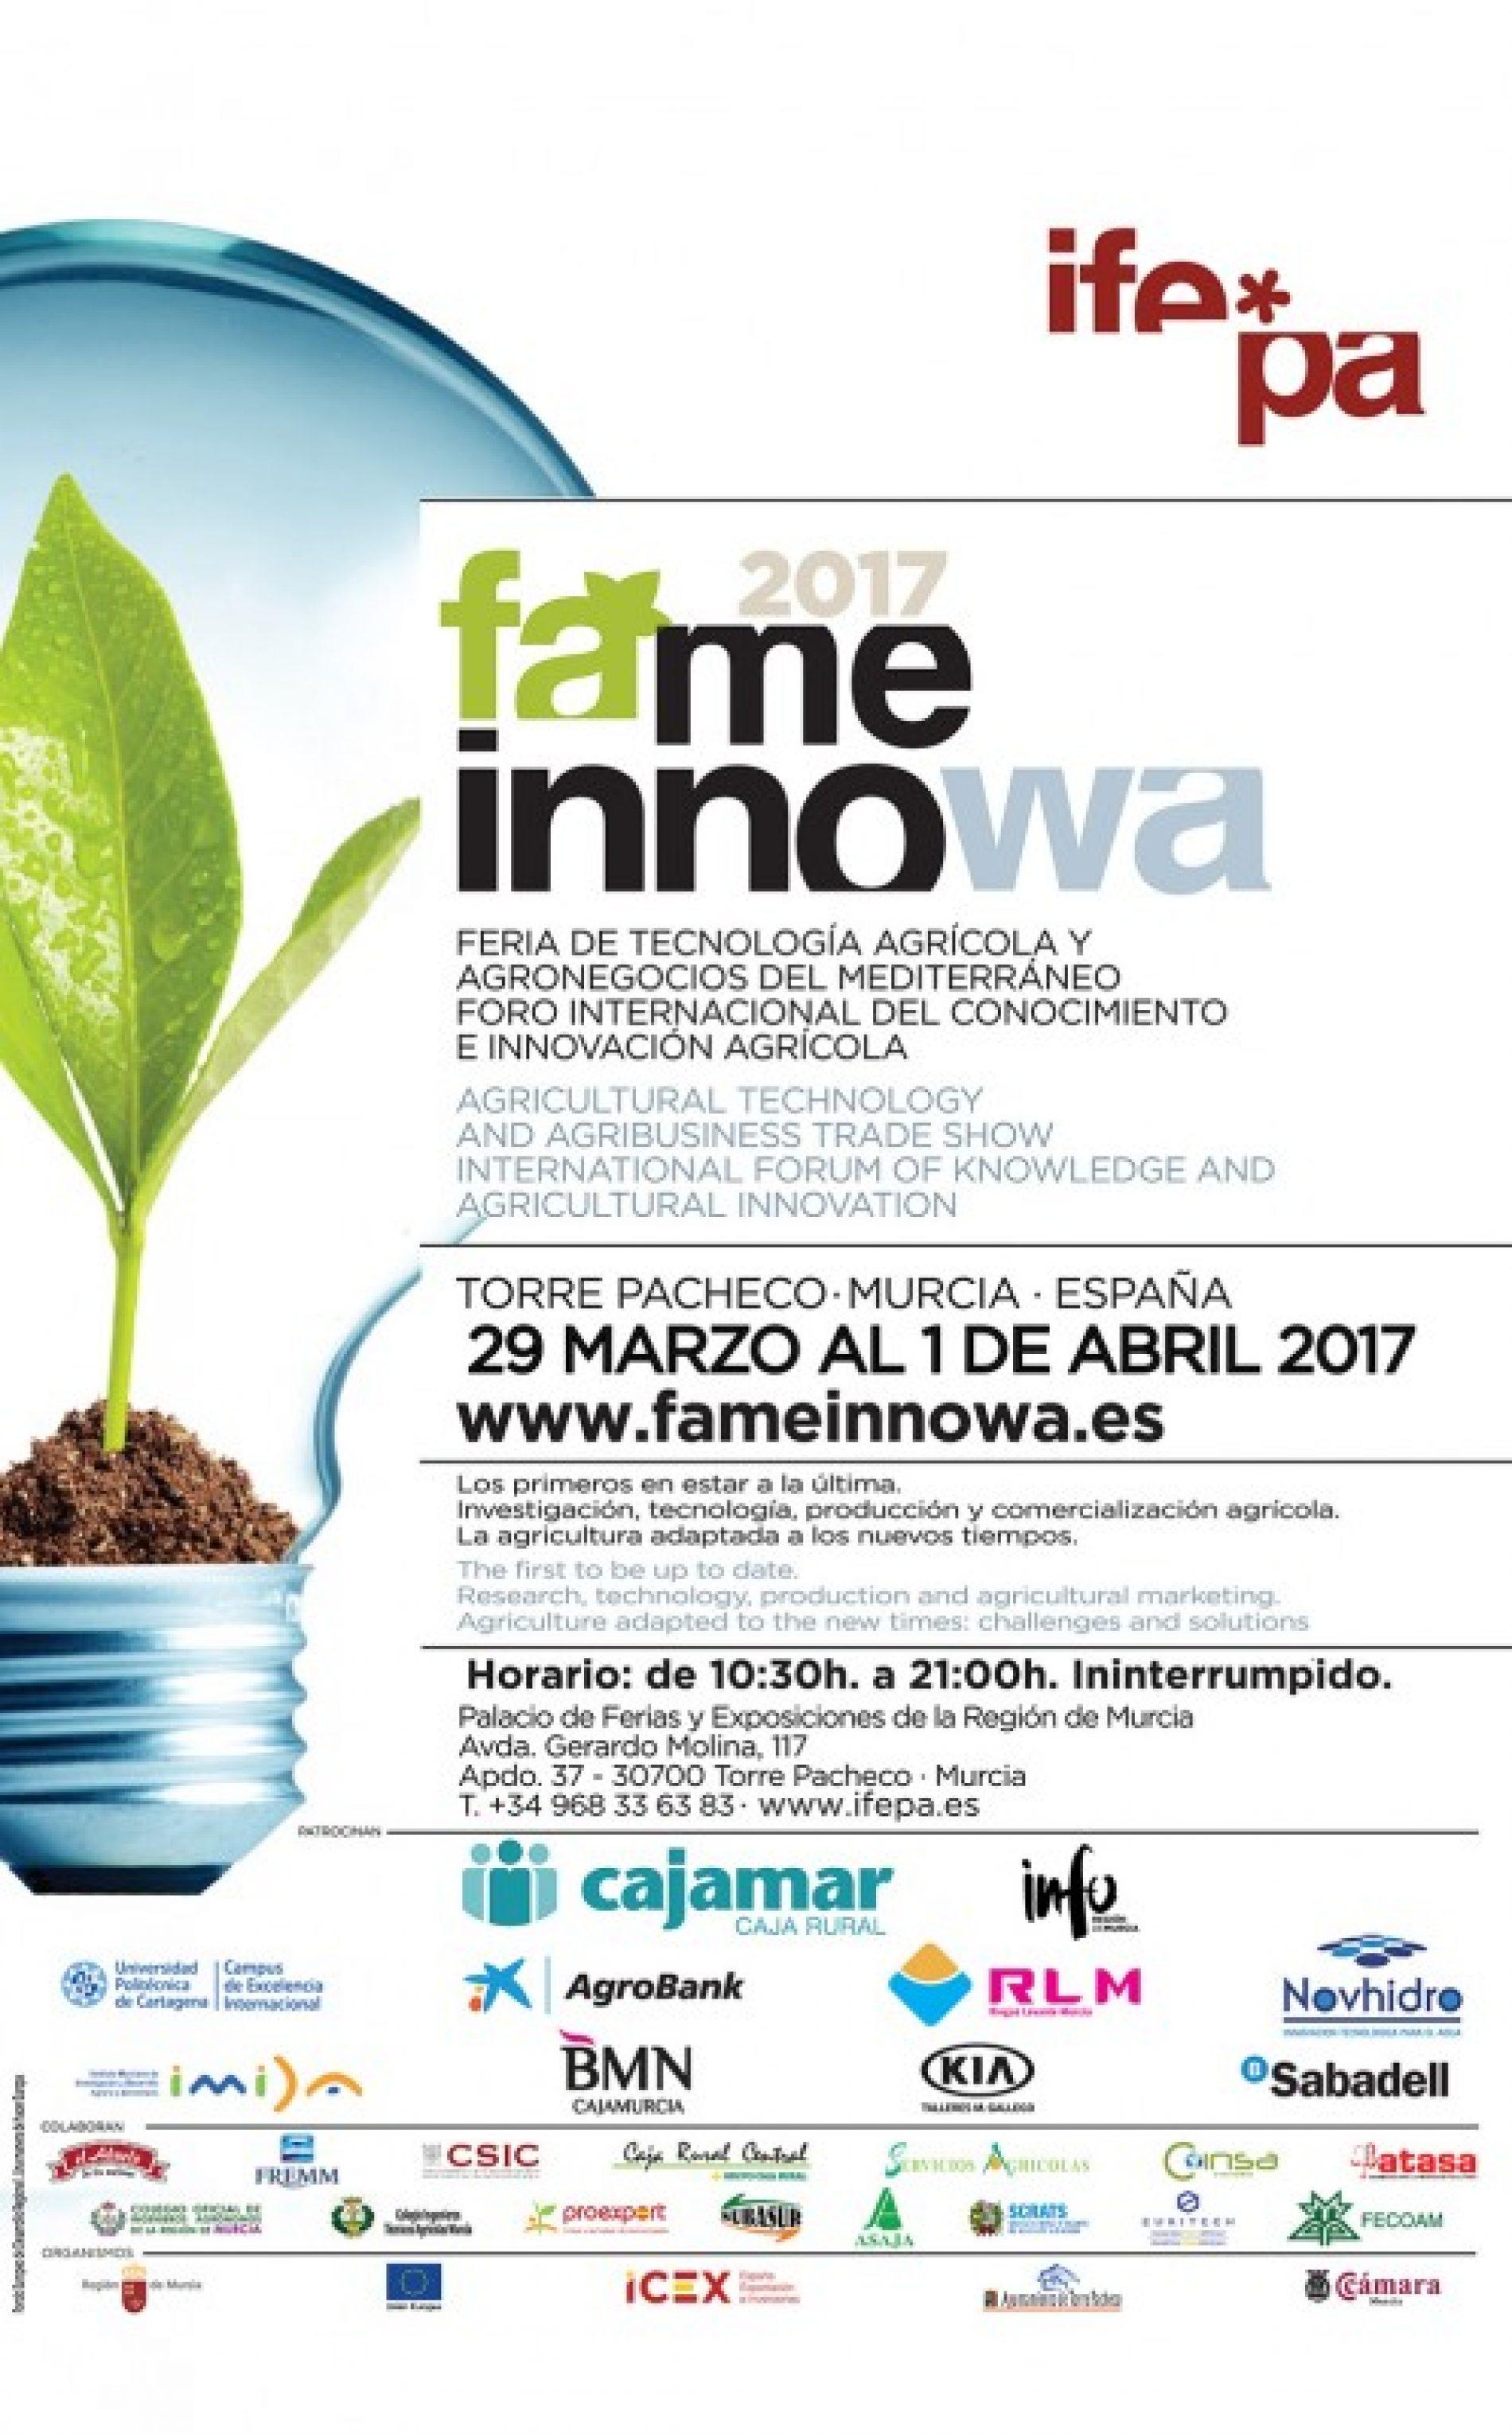 Fame Innowa 2017